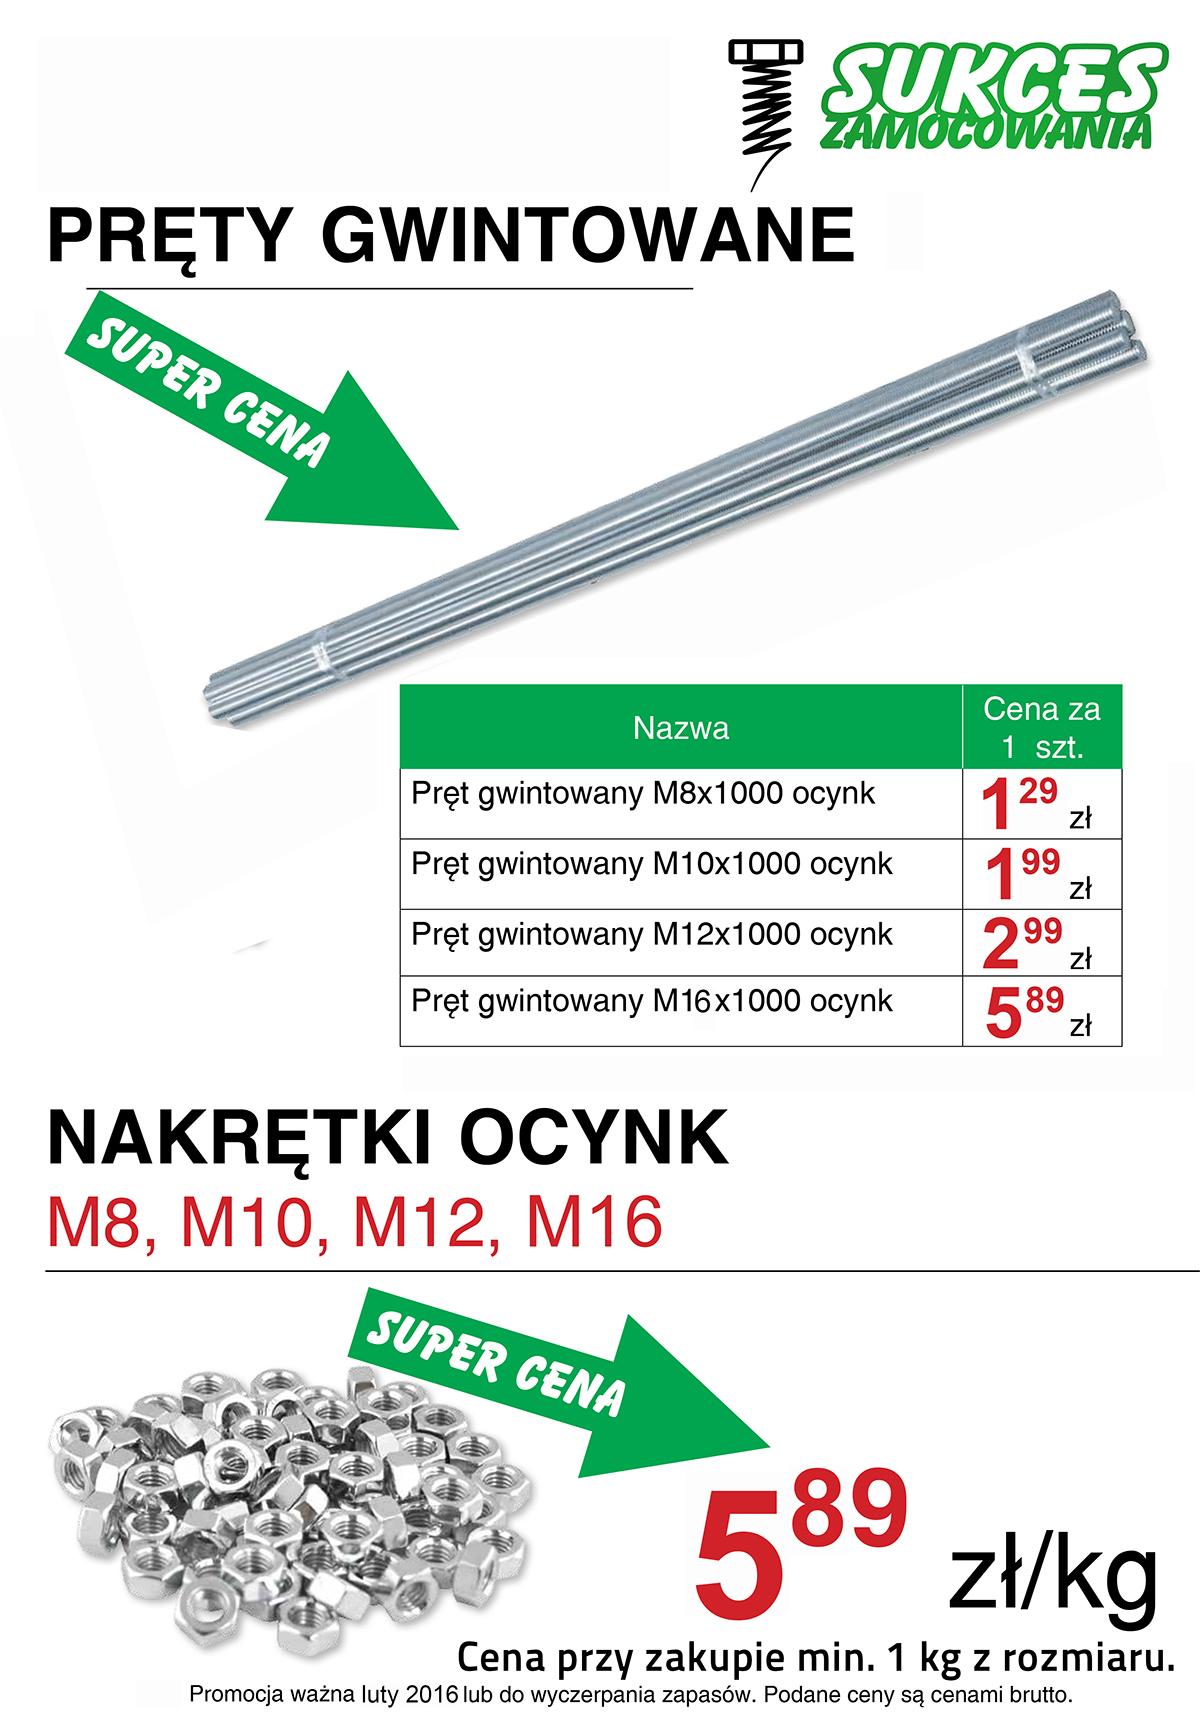 Ogromnie Kołki rozporowe Sukces-Zamocowania łącznik izolacji szybki montaż XL41